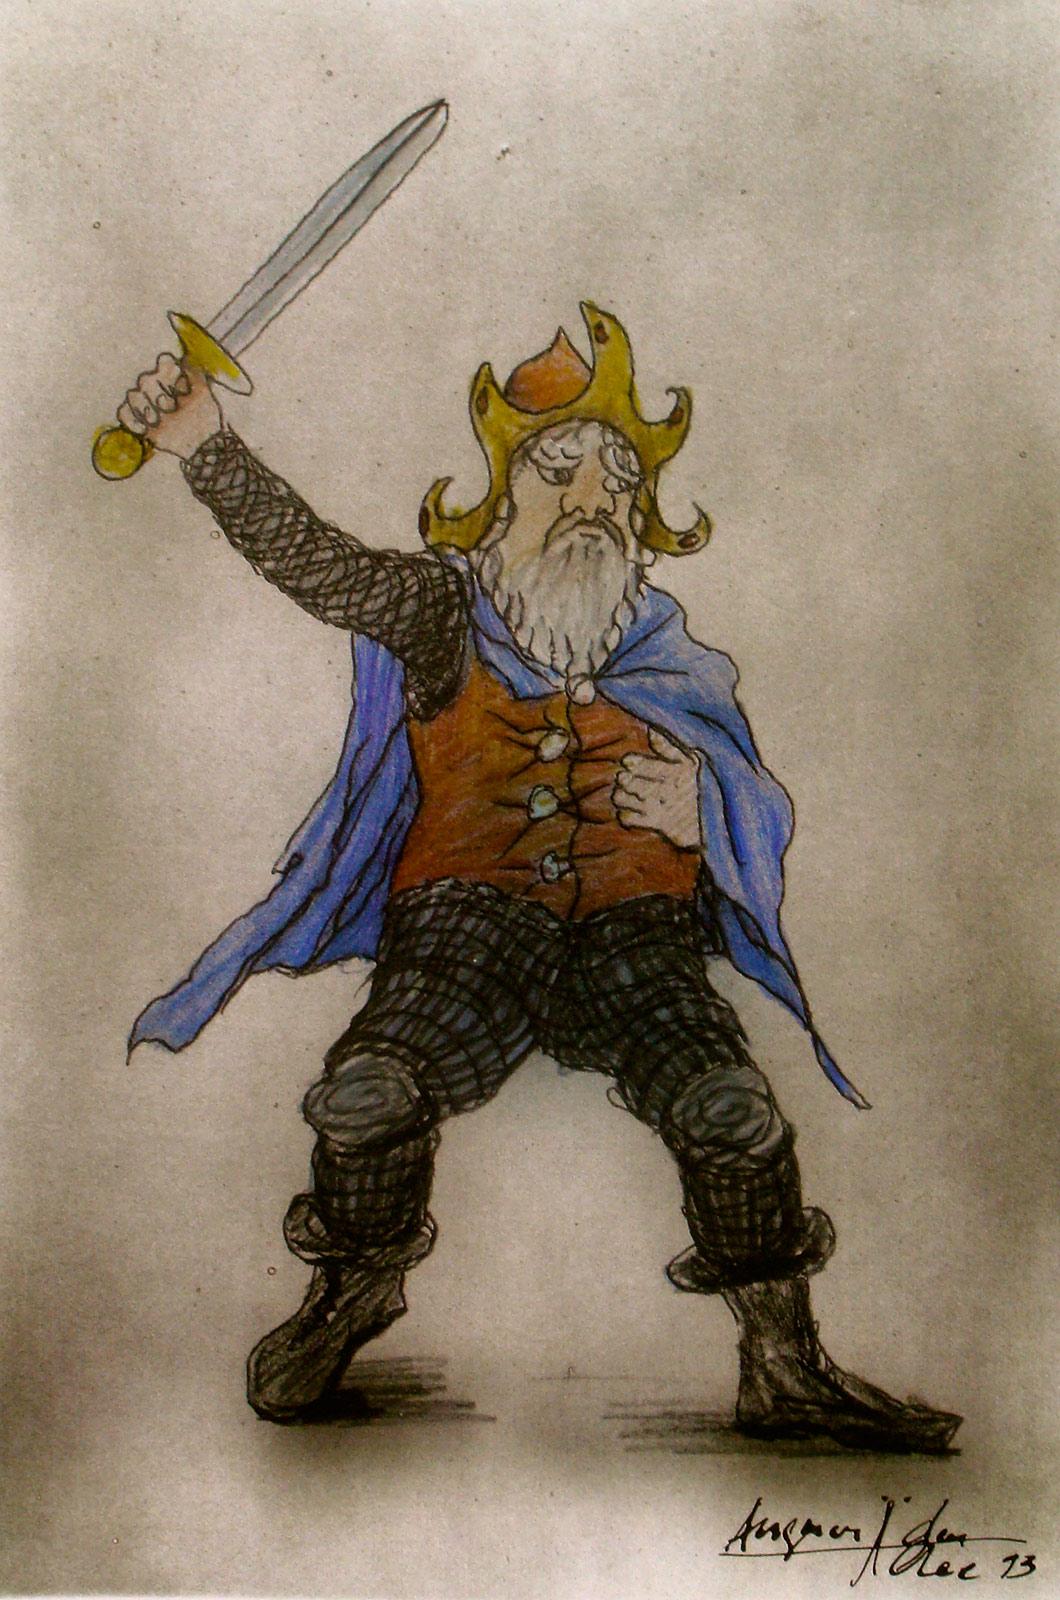 Angerer_der_Aeltere_Der_kleine_Hobbit_Thorin